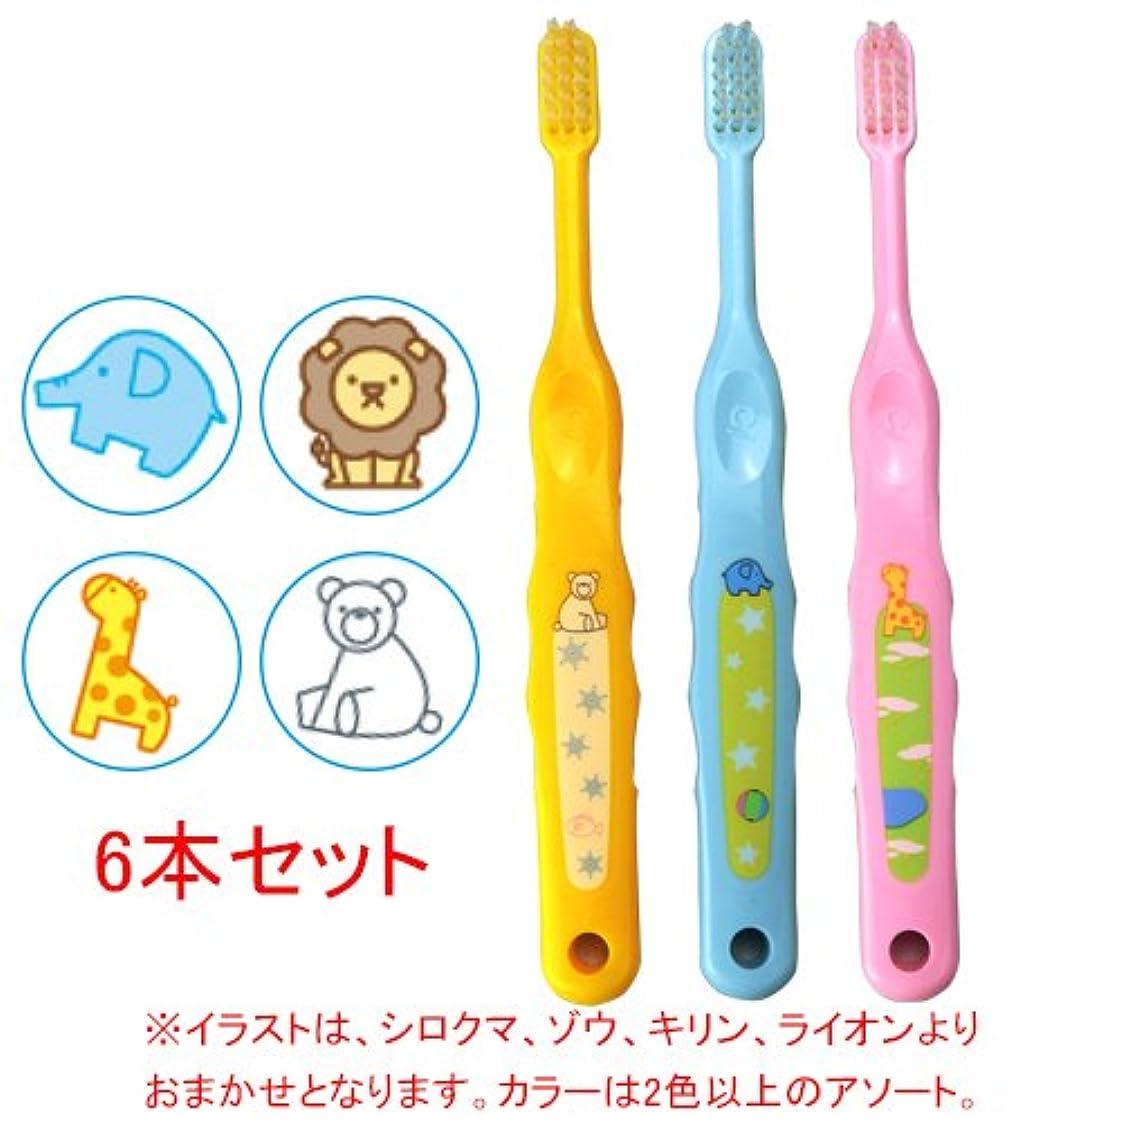 基礎適合しました氷Ciメディカル Ci なまえ歯ブラシ 502(ふつう) (乳児~小学生向)×6本